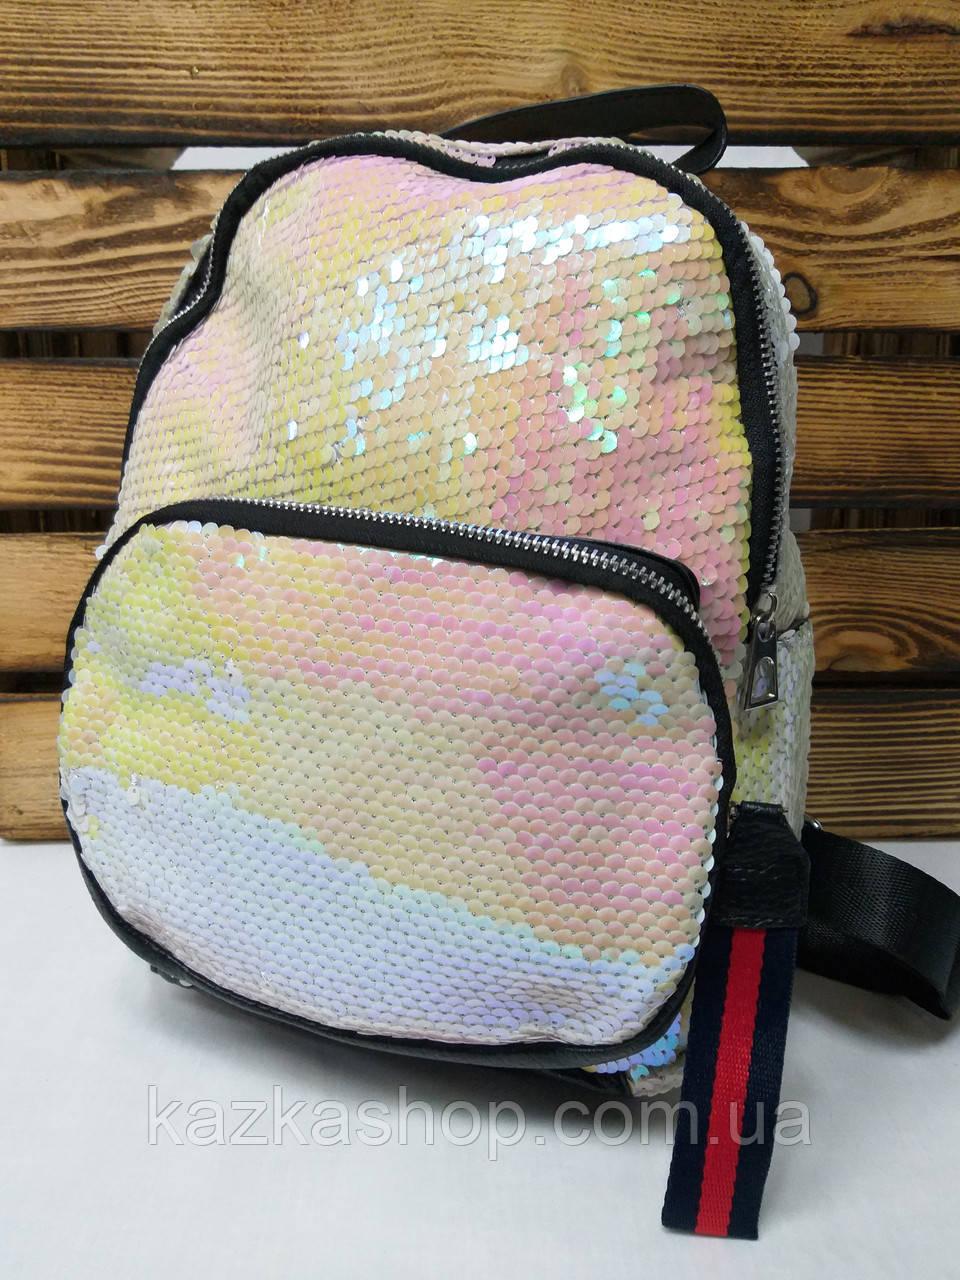 Женский рюкзак с паетками перевертышами бело-розового цвета, один отдел, регулируемые лямки